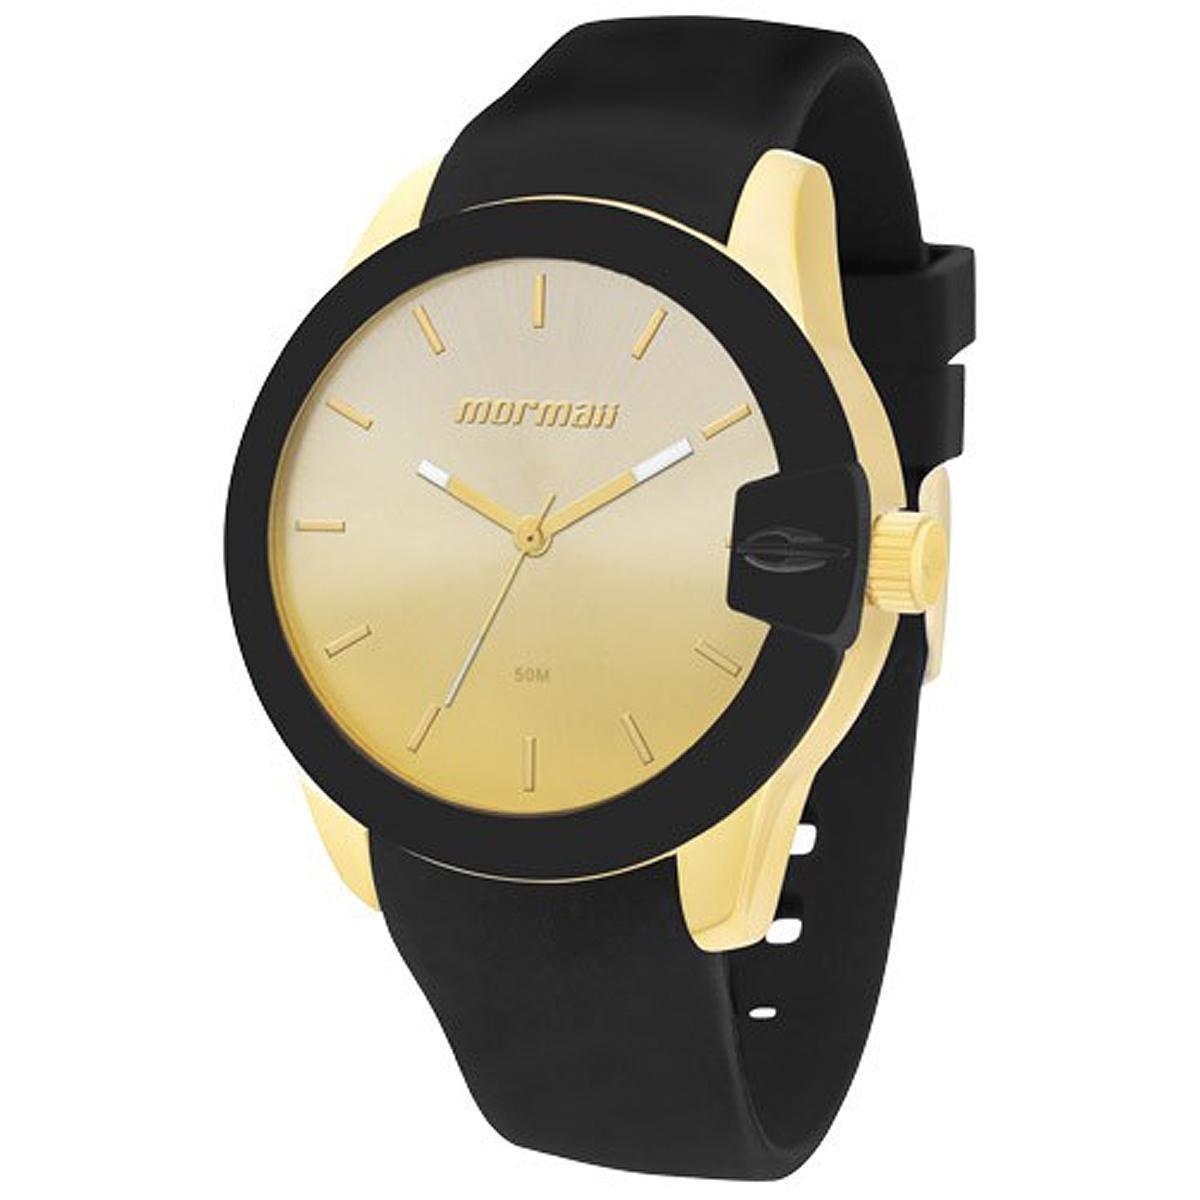 3dc15ebc7f9 Relógio Mormaii Sunset Degradê - Compre Agora